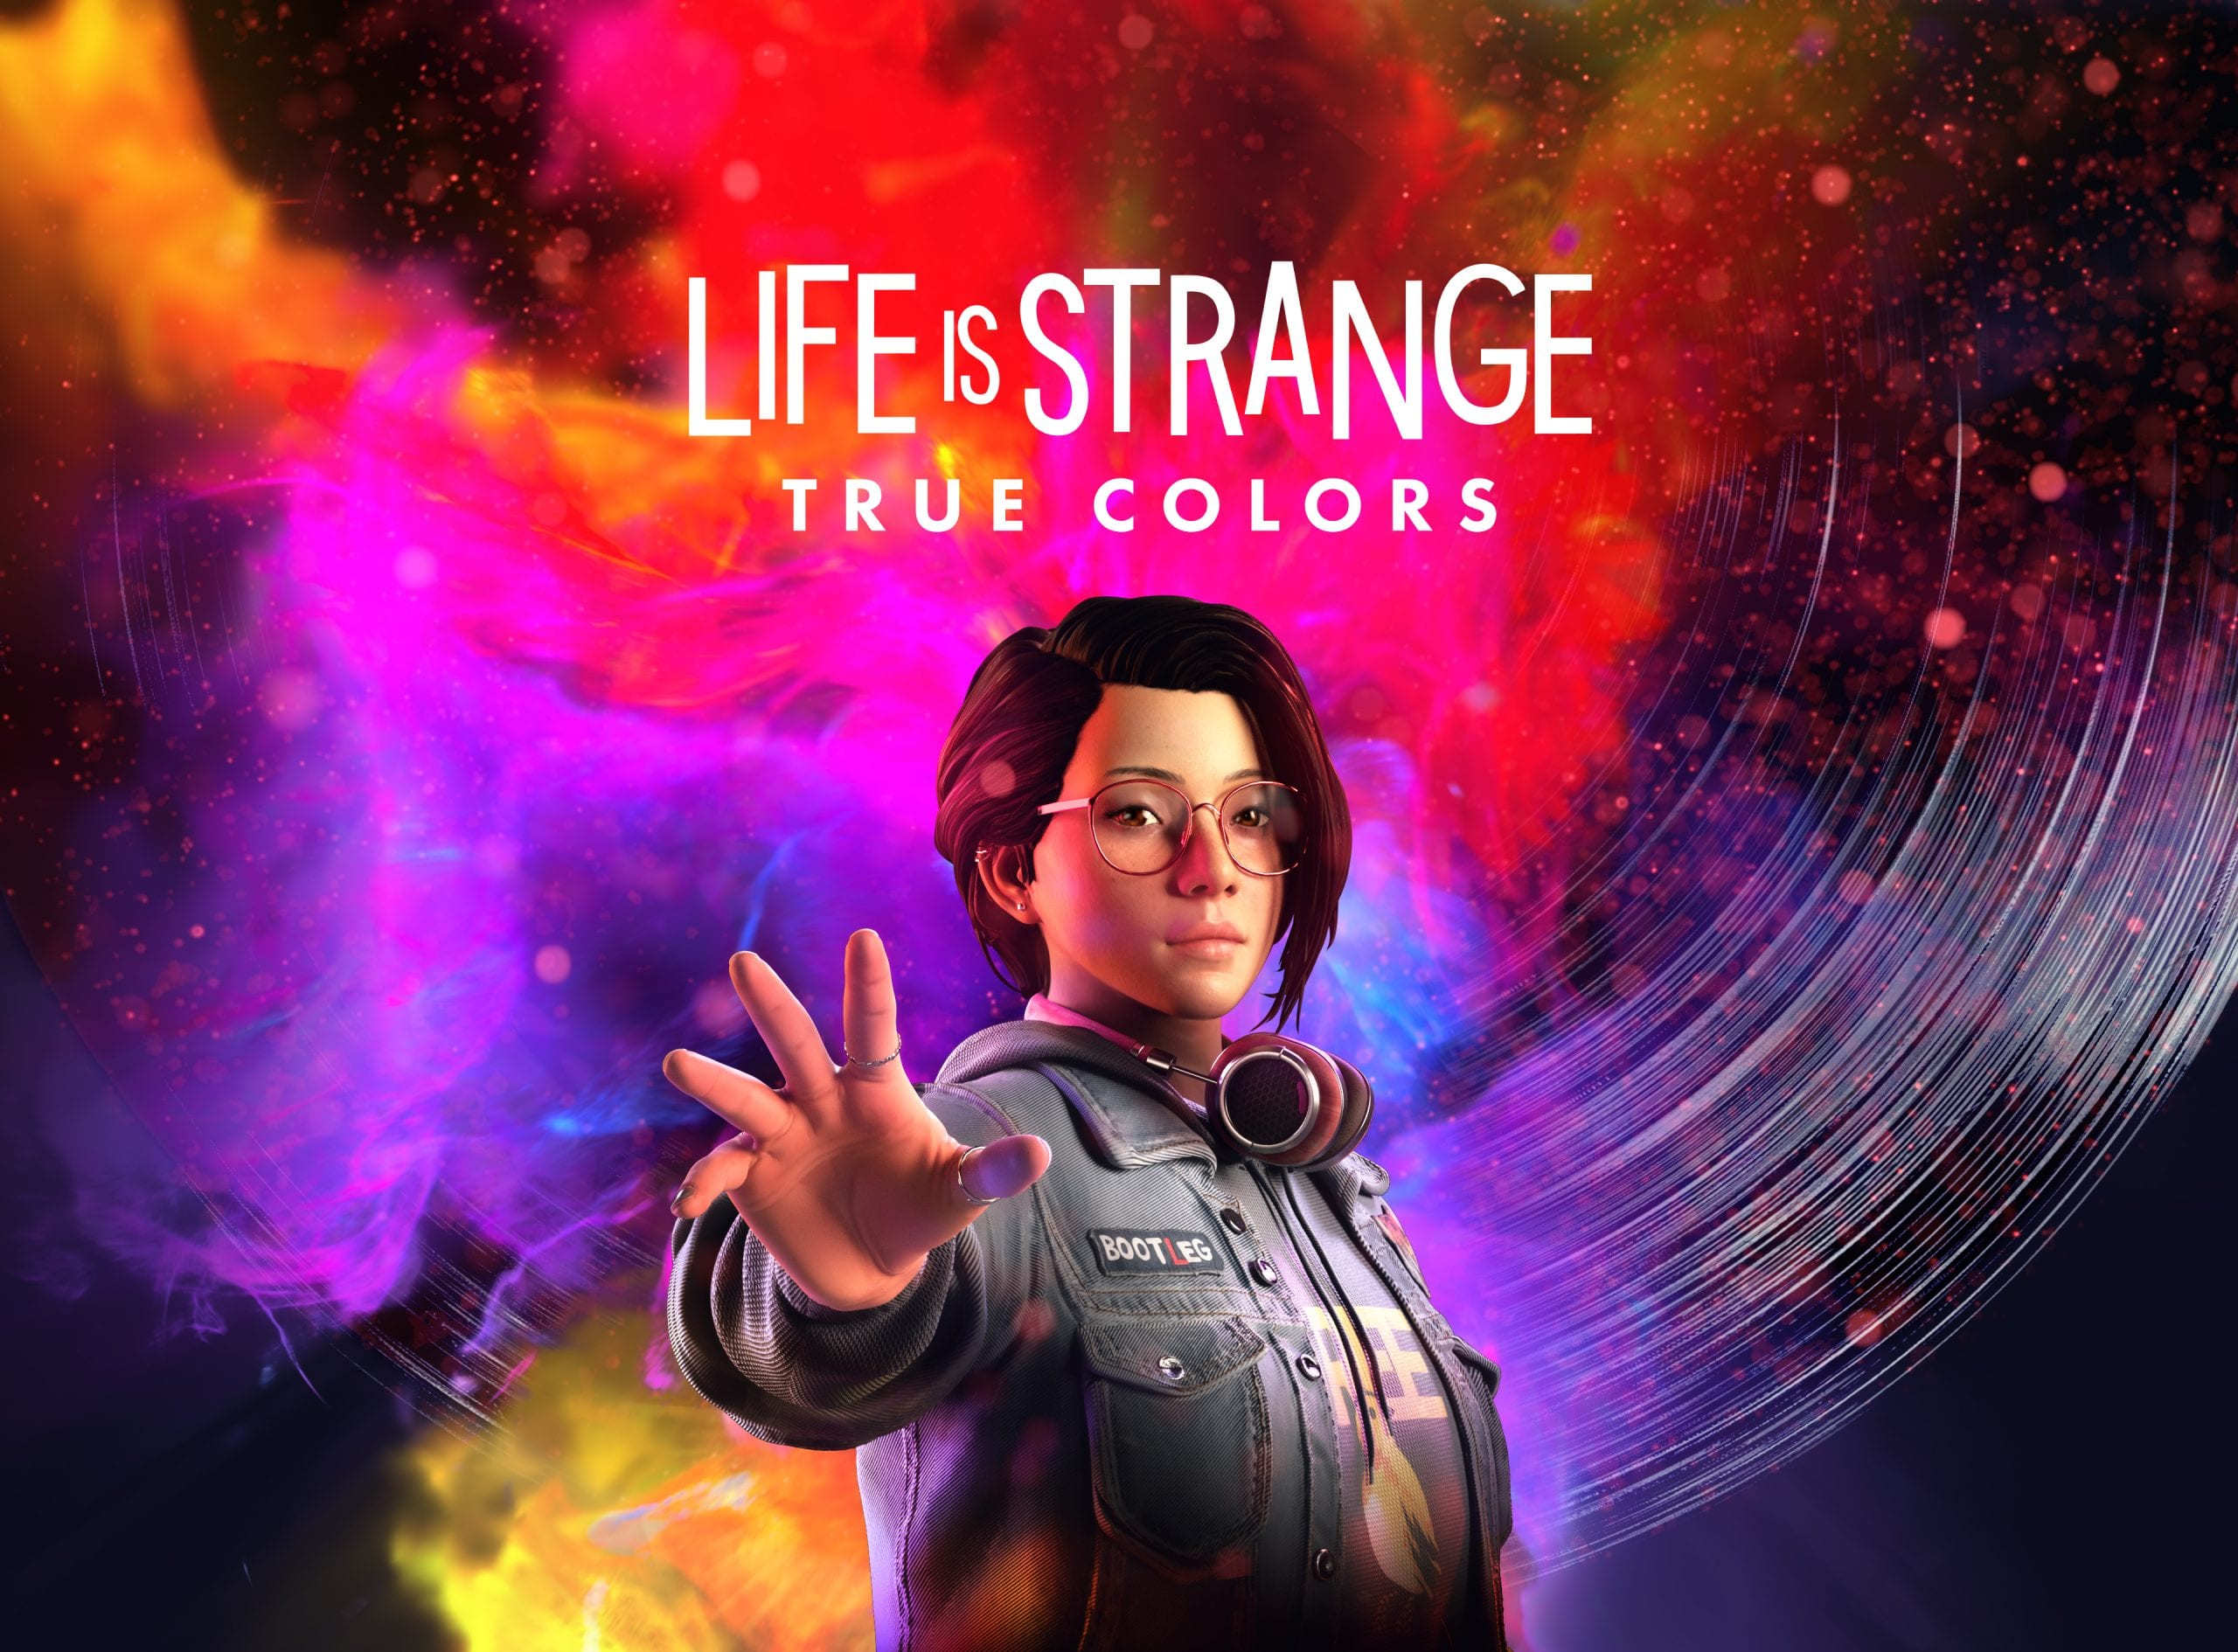 anteprima di life is strange: true colors